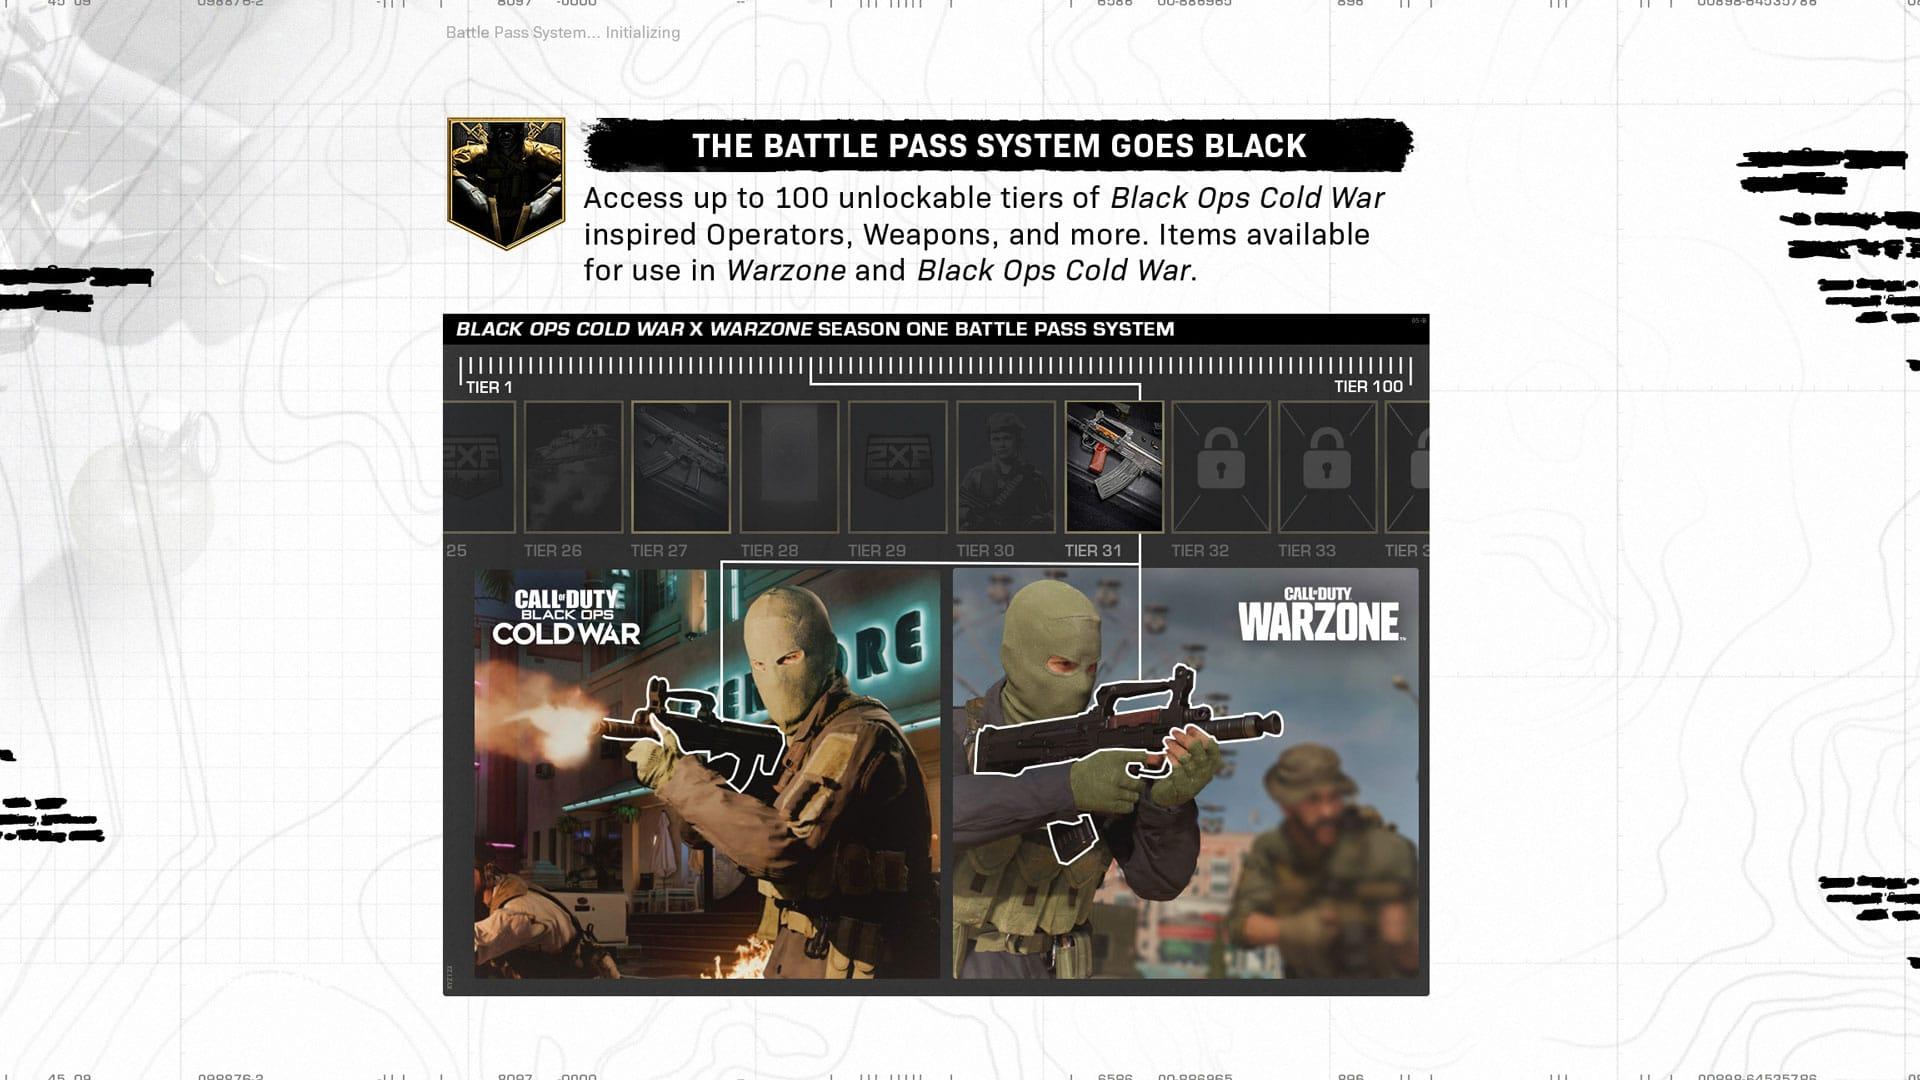 Os Passes de Batalha também serão ajustados ao novo sistema